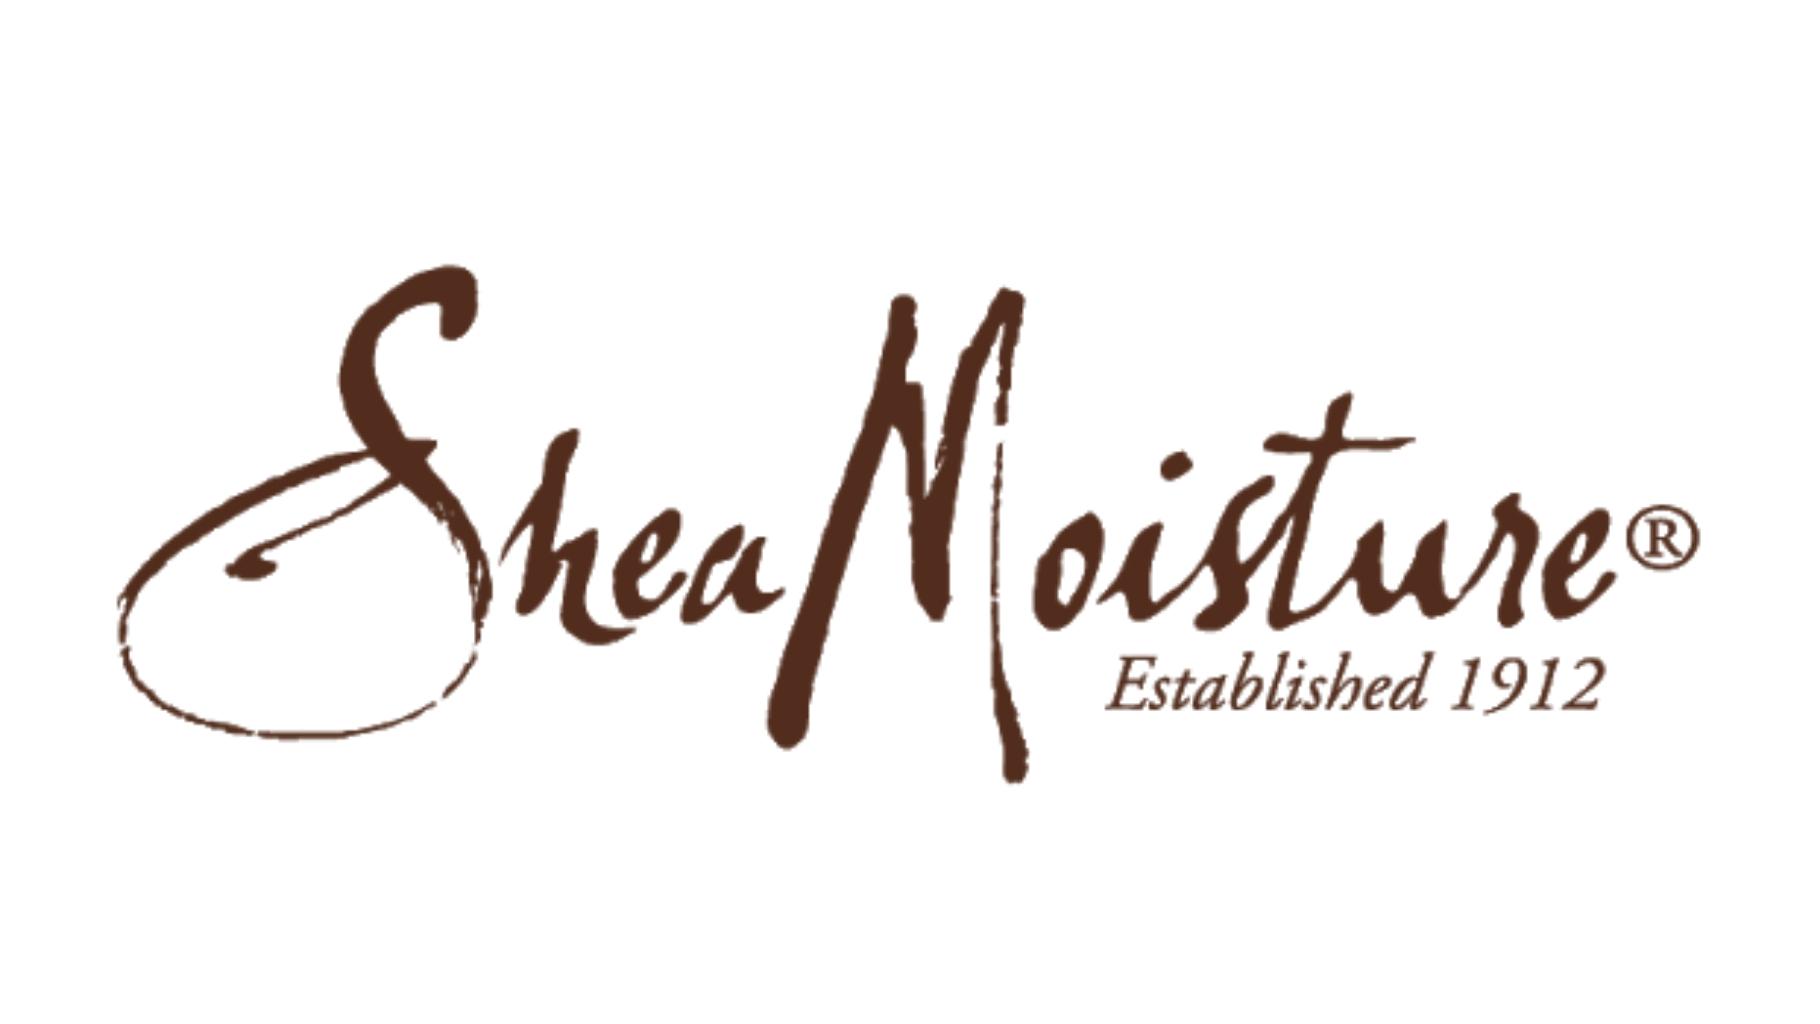 شيا مويستر - Shea Moisture